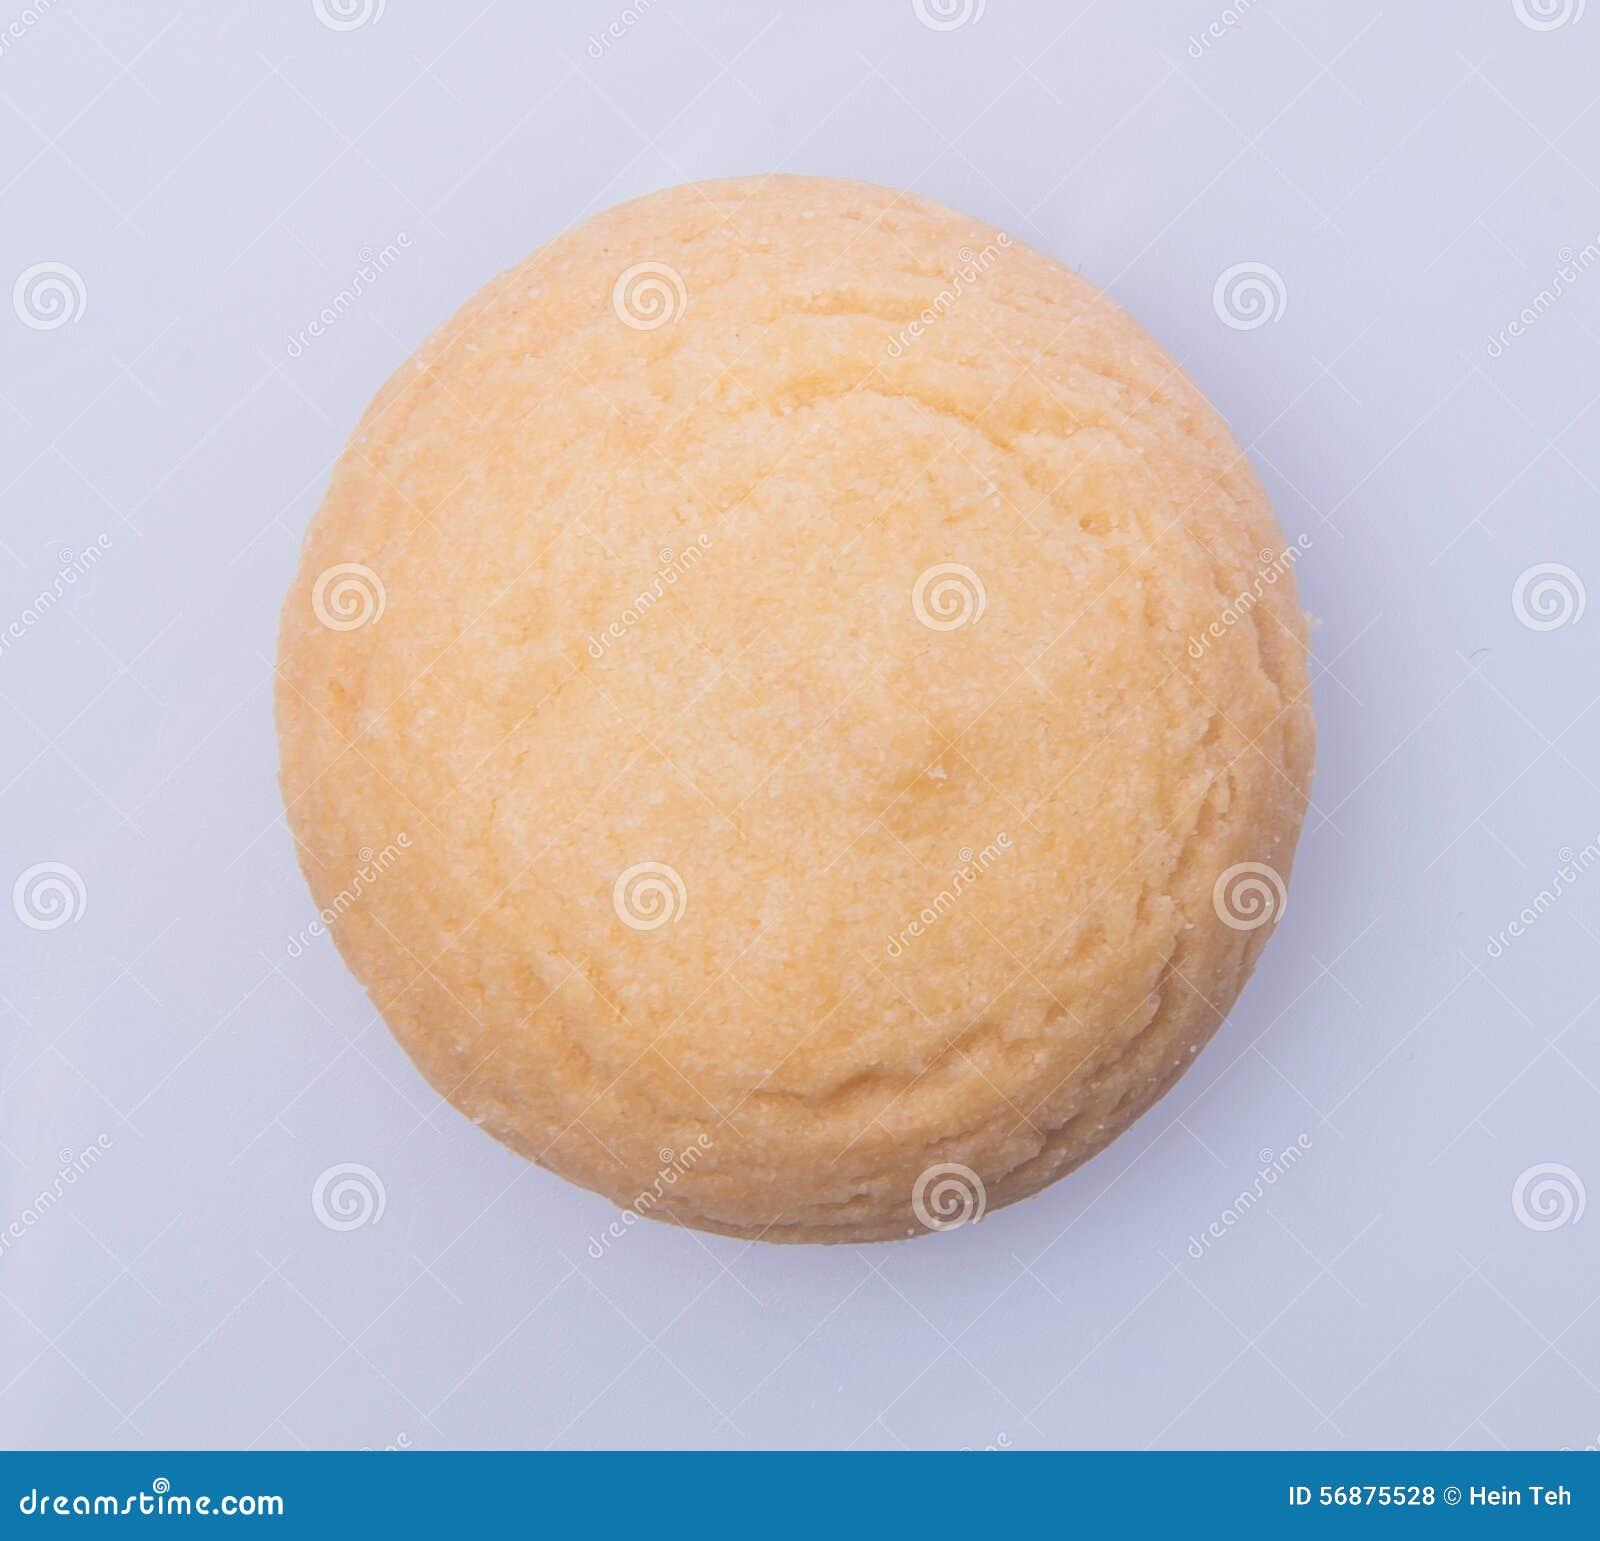 Biscotti o biscotti di burro su un fondo